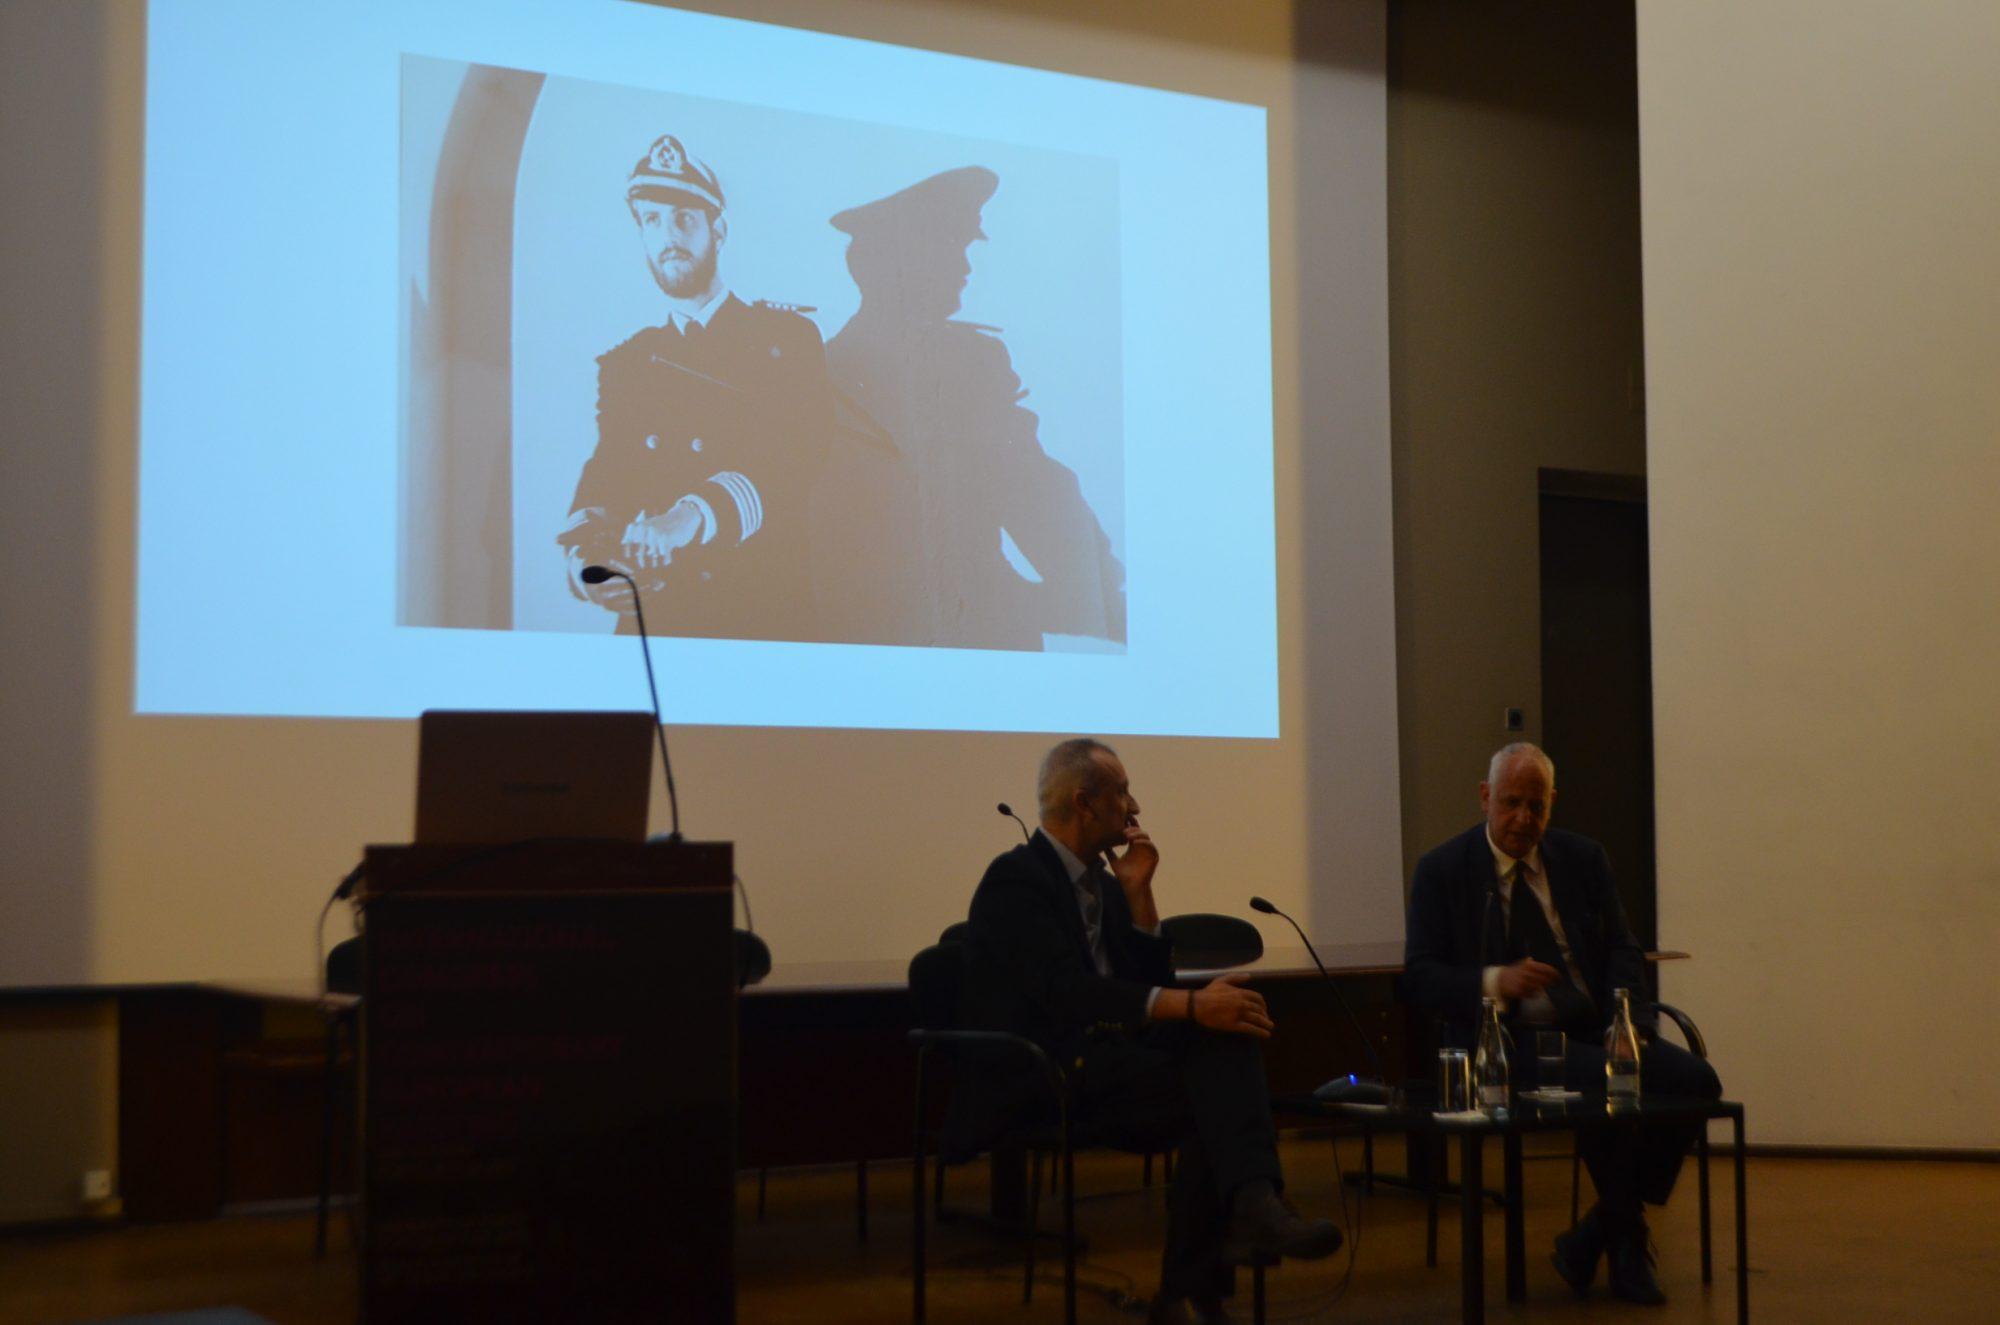 Miguel von Hafe Pérez à conversa com Luc Tuymans.